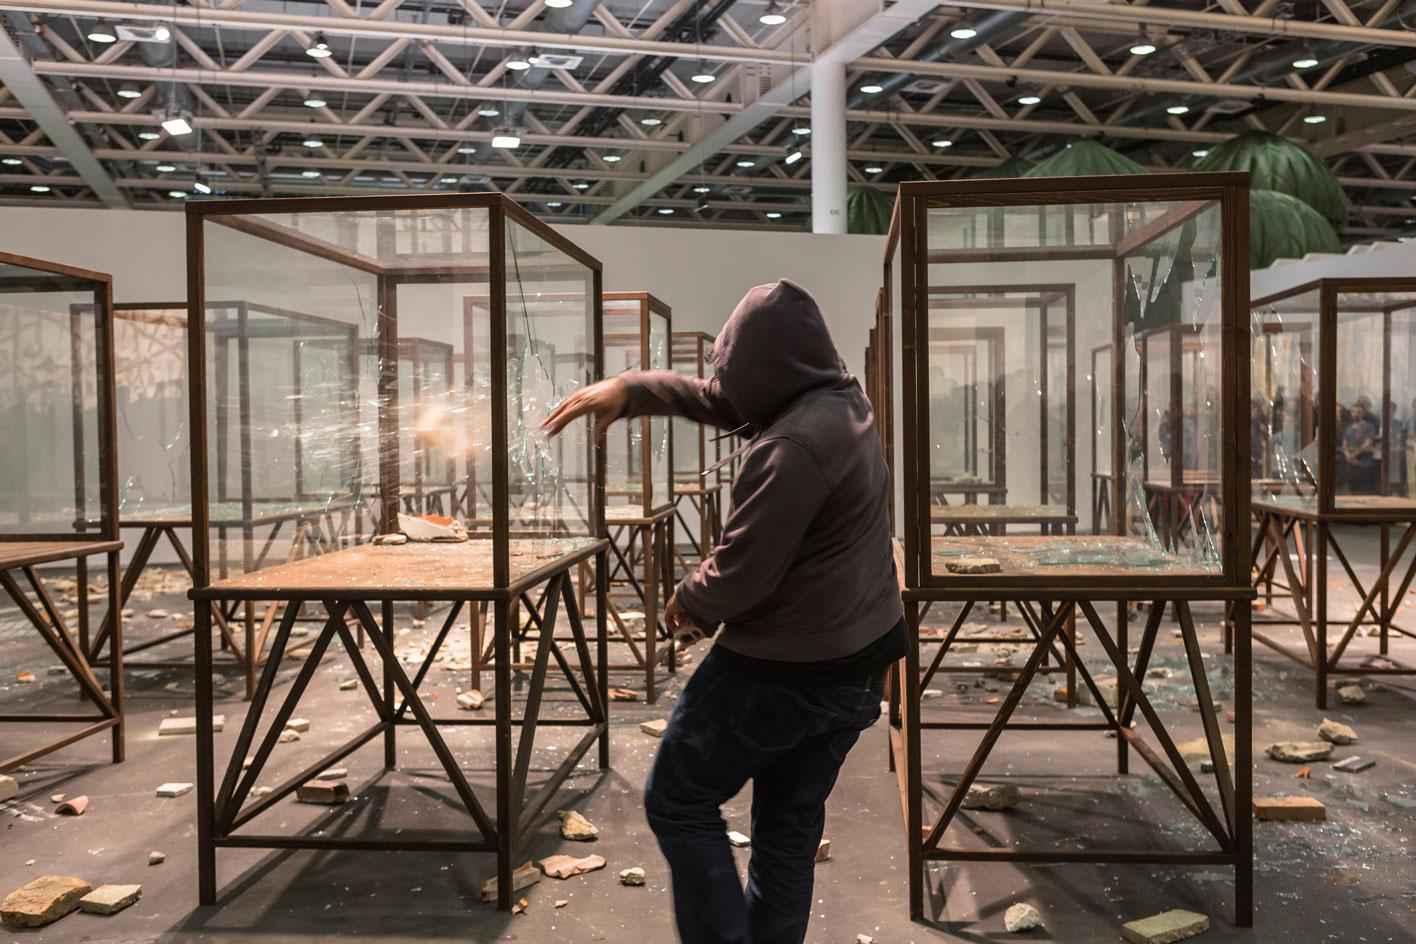 Kader Attia đã hoàn thành tác phẩm sắp đặt Mùa xuân Ả Rập (2014) của mình tại Art Basel Unlimited, 2015, Galleria Continua. © Art Basel